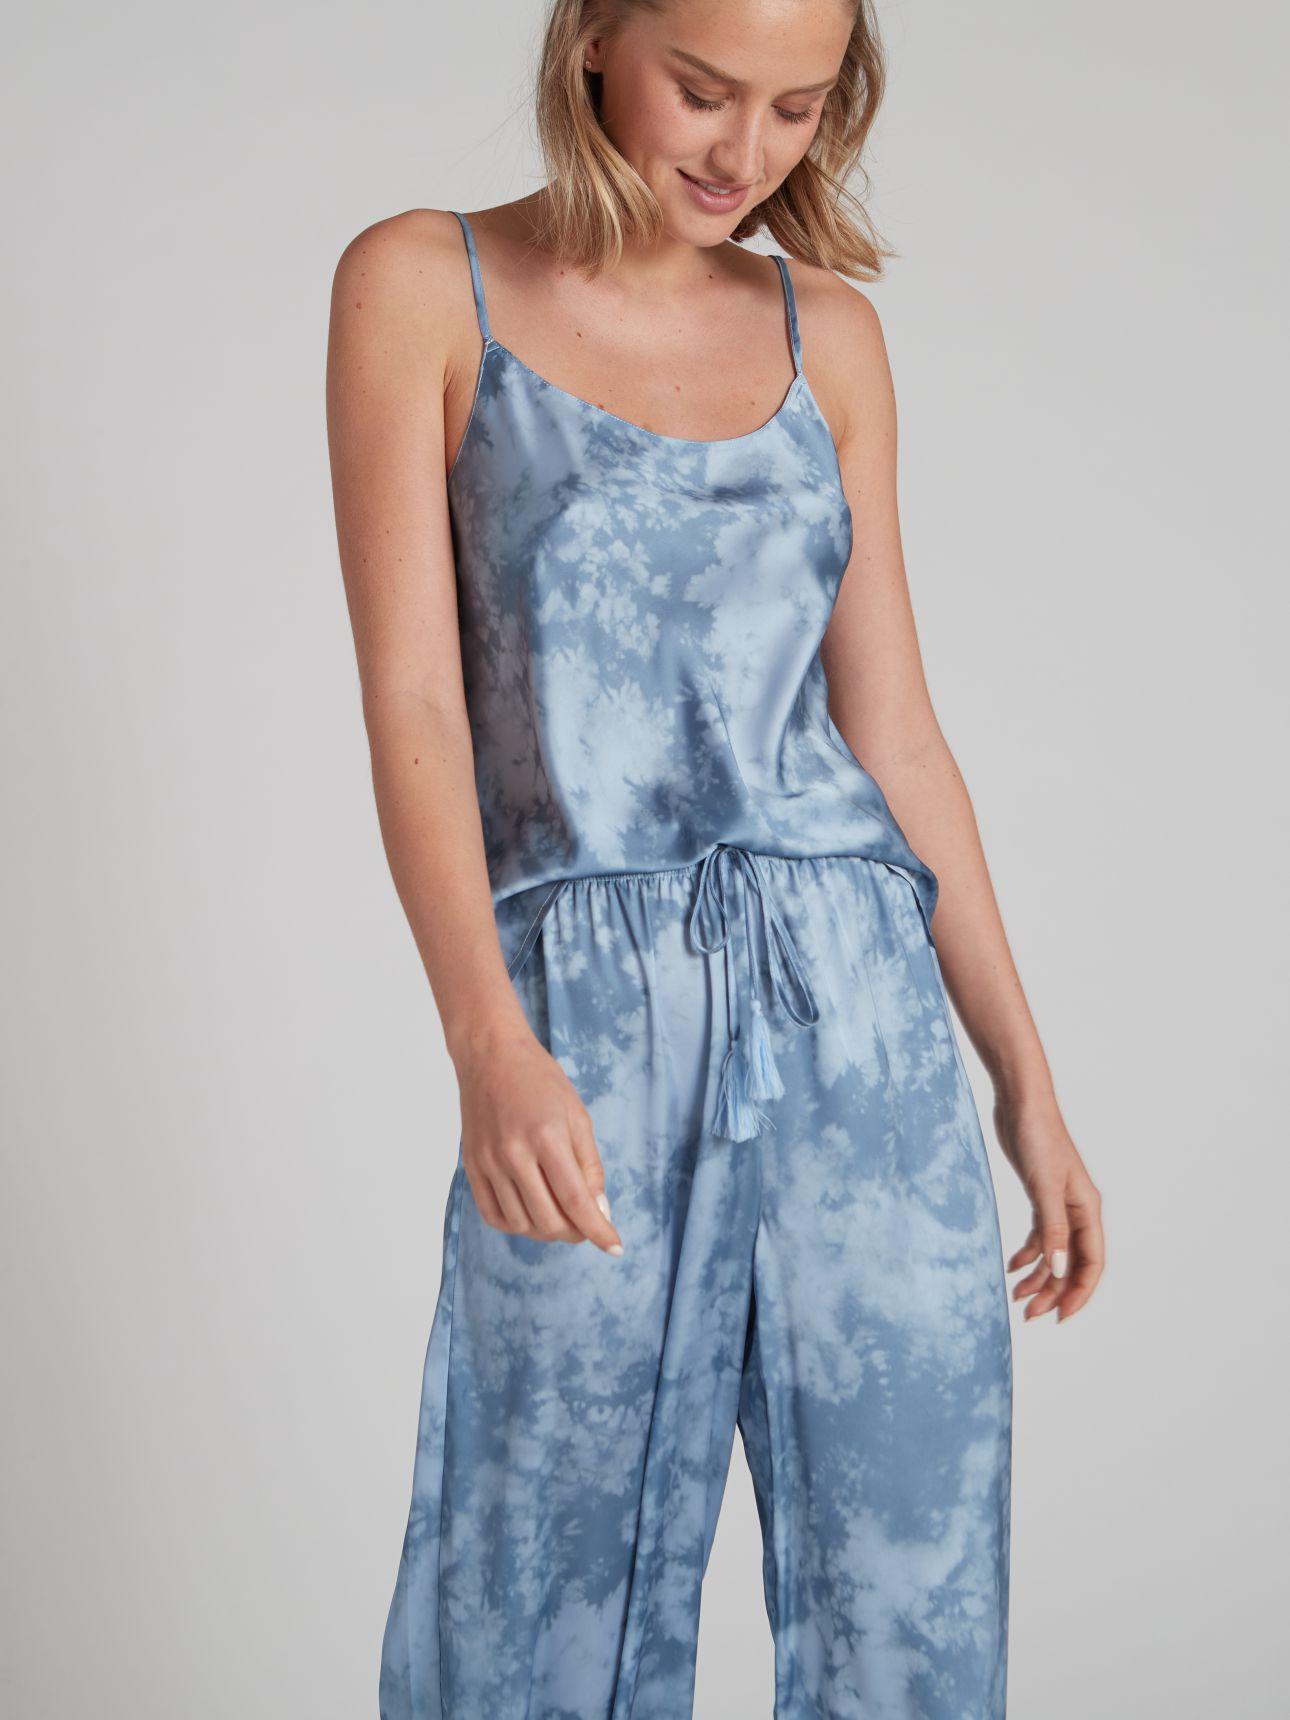 מכנסי סאטן ארוכים TIE DYE בצבע כחול אוקיינוס